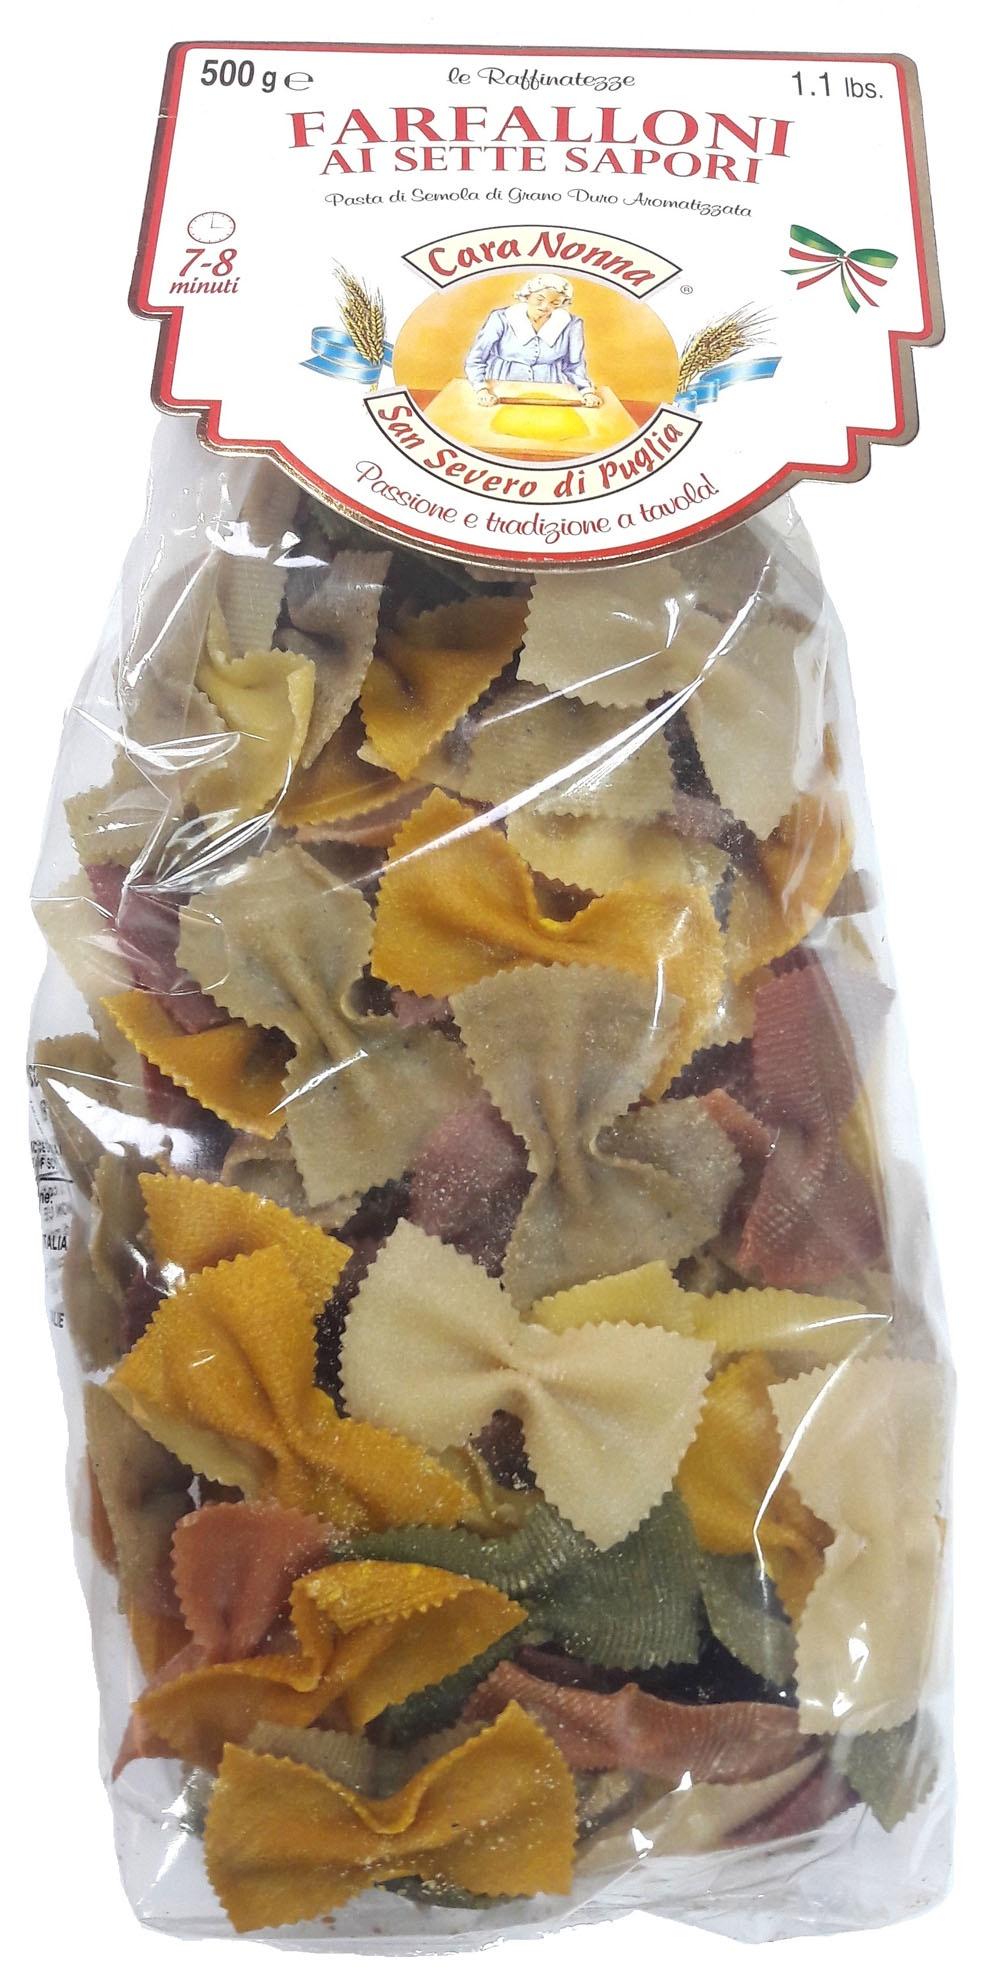 Макароны Паста CARA NONNA 7 цветов FARFALLONI (крупные бантики), 500